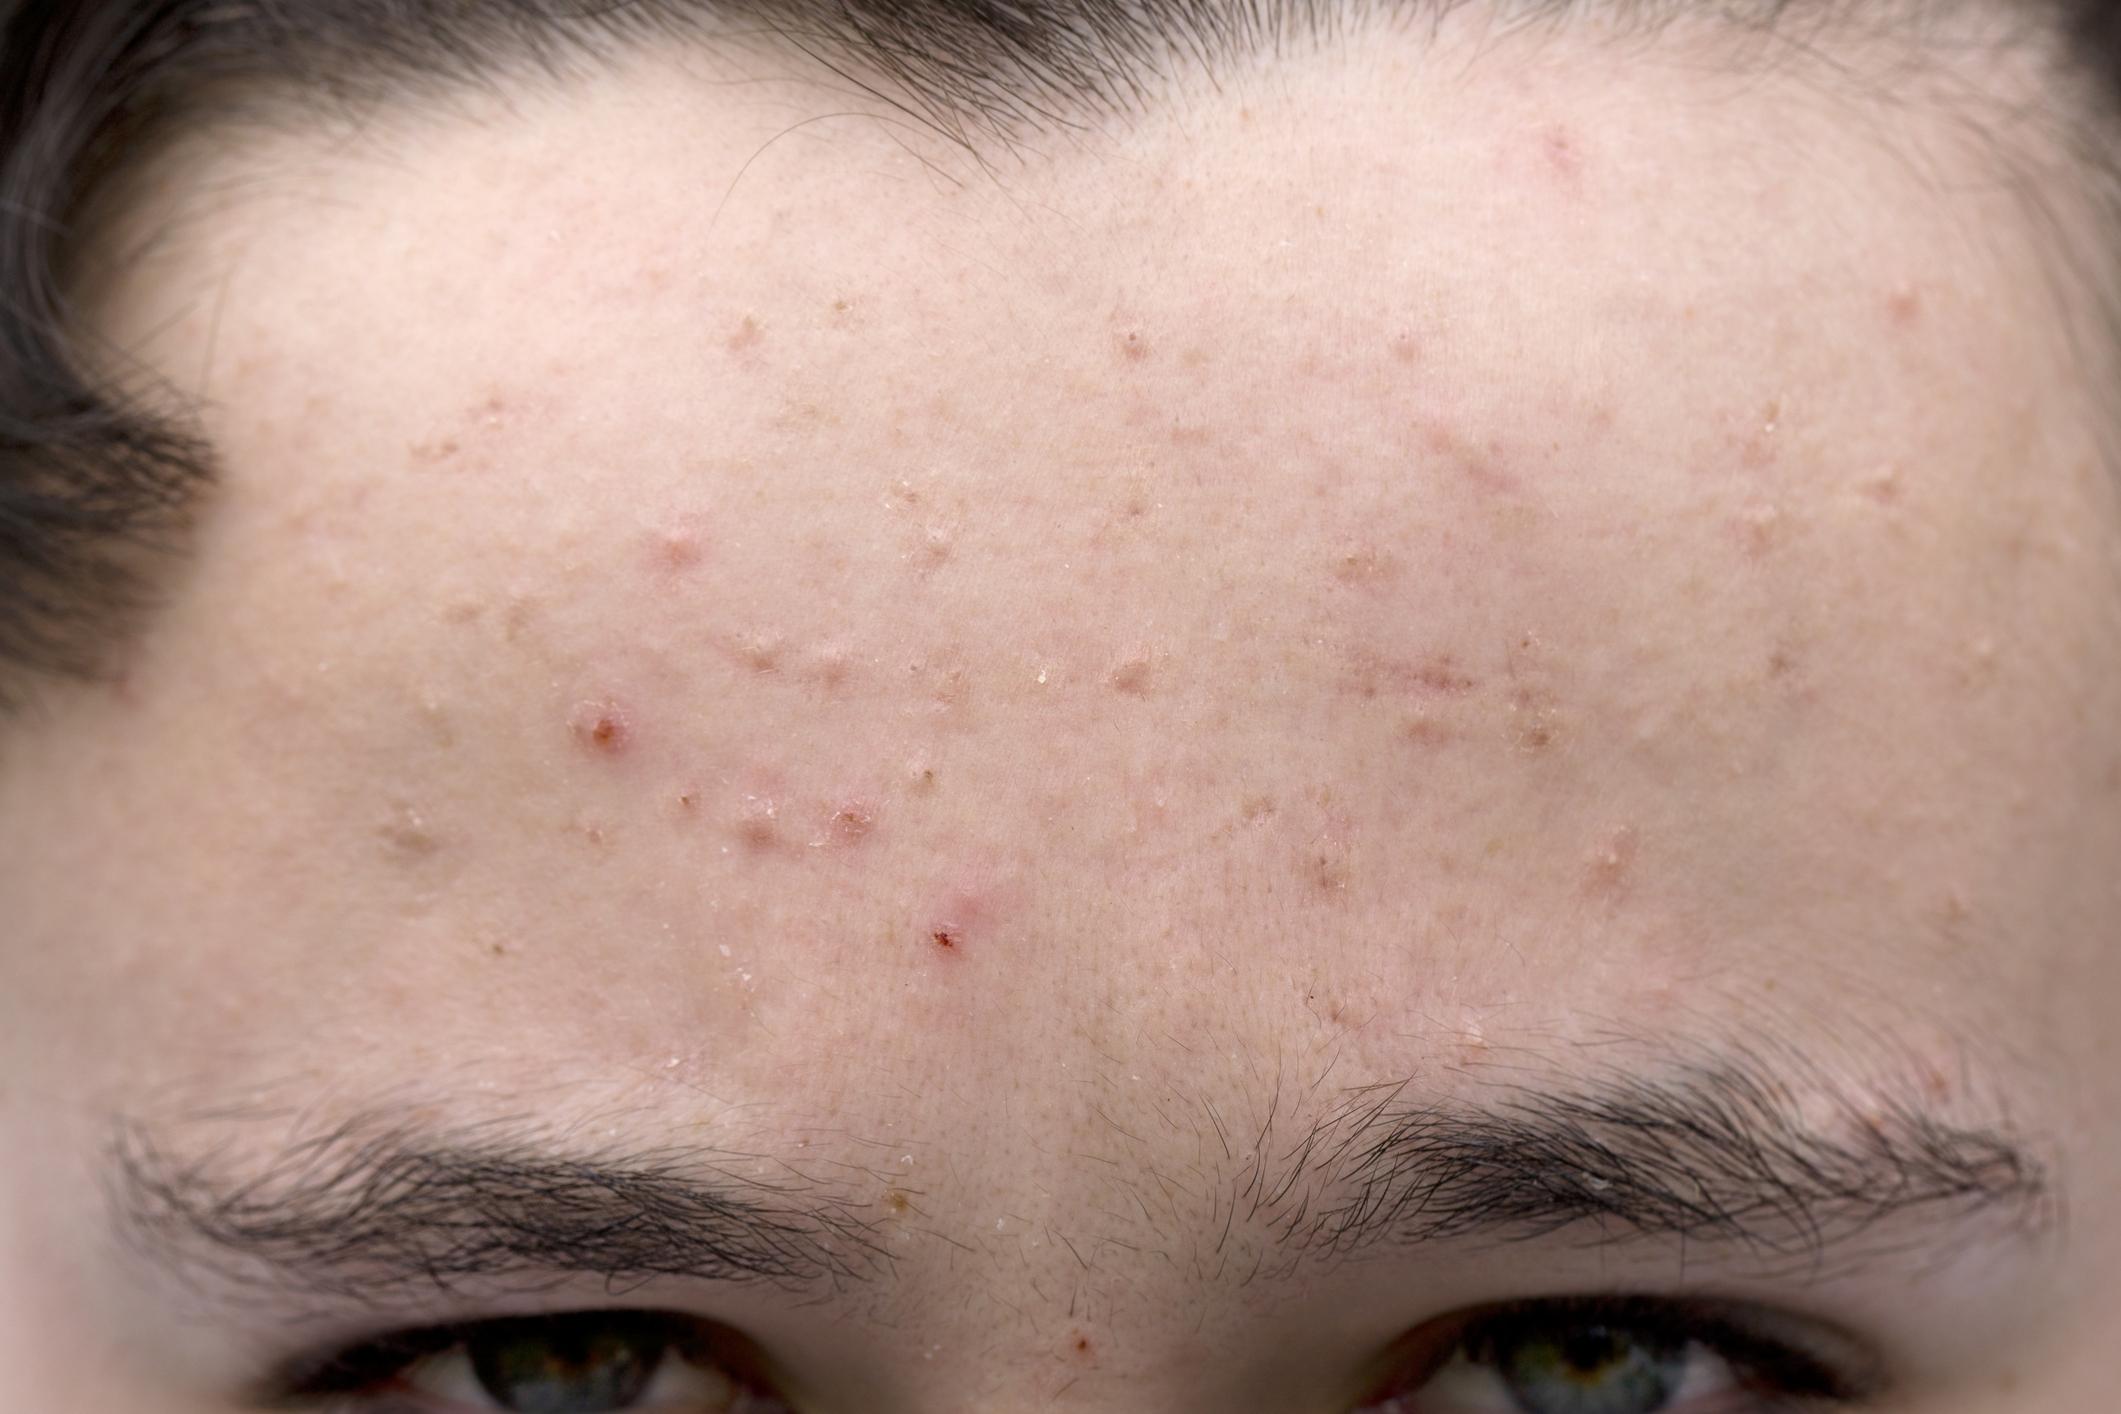 Демодекоз у человека: виды, симптомы, диагностика клеща демодекс, лечение, фото и отзывы